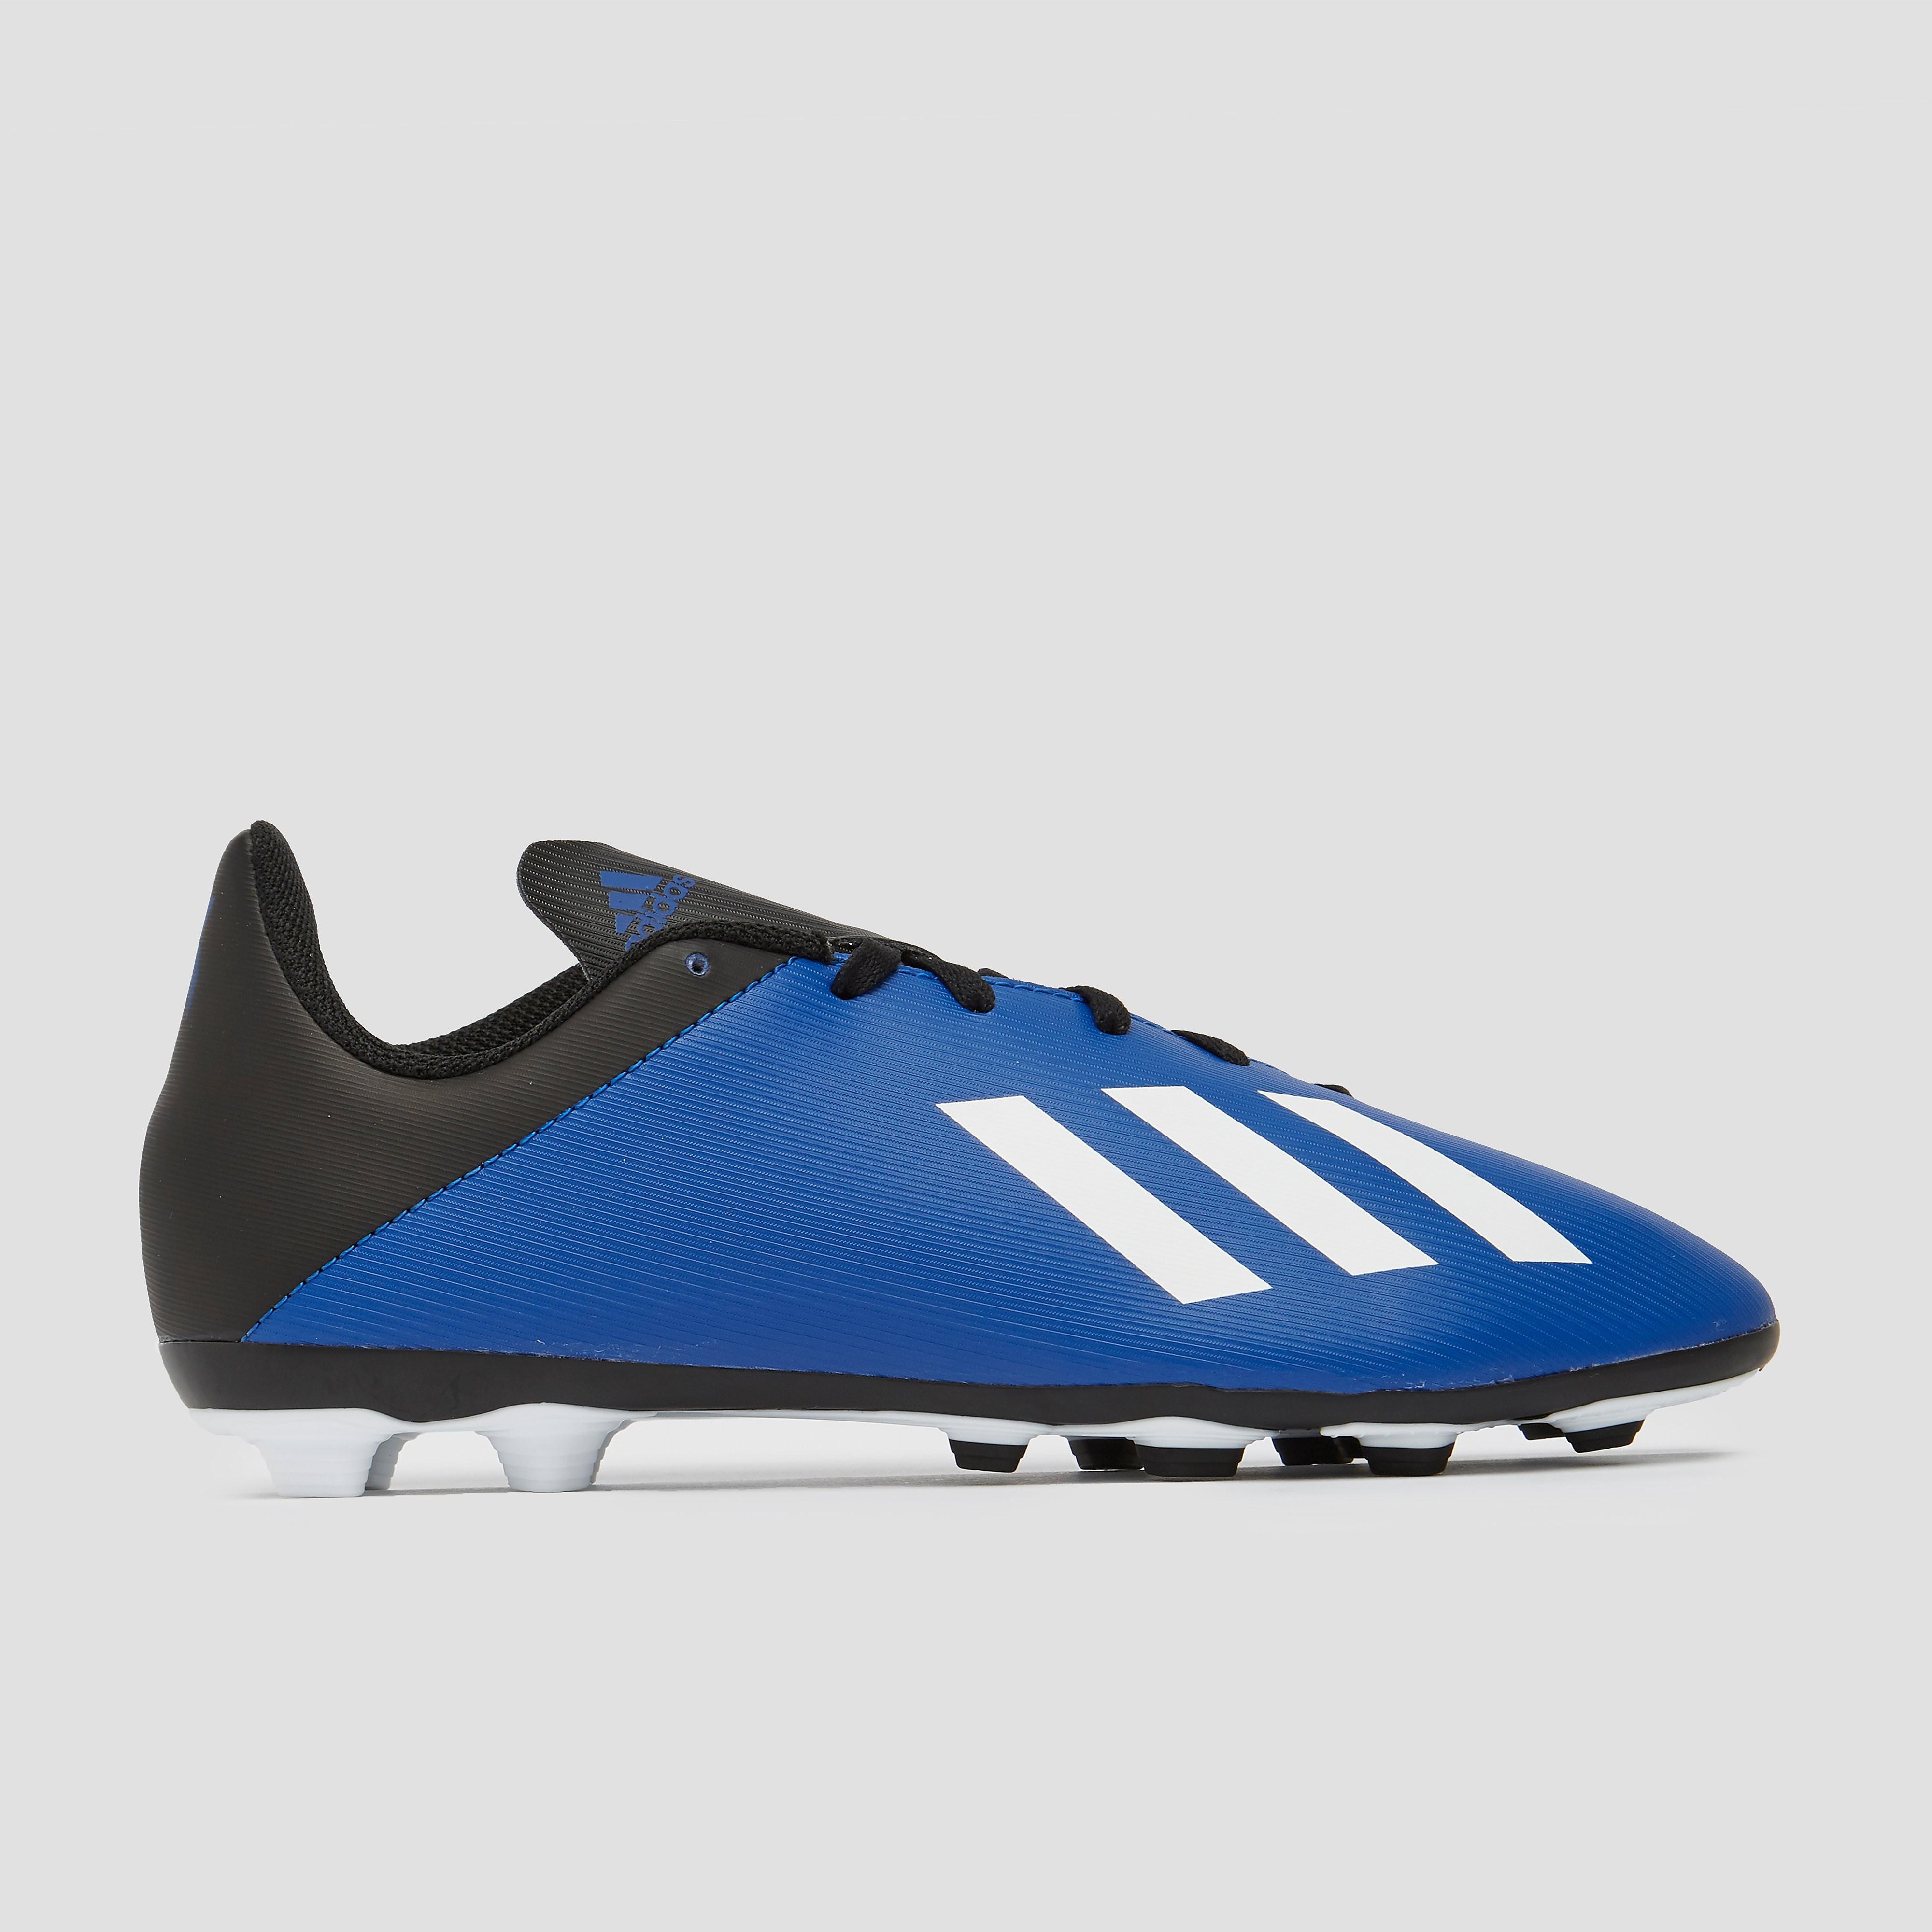 adidas performance X 19.4 voetbalschoenen kobaltblauw-zwart